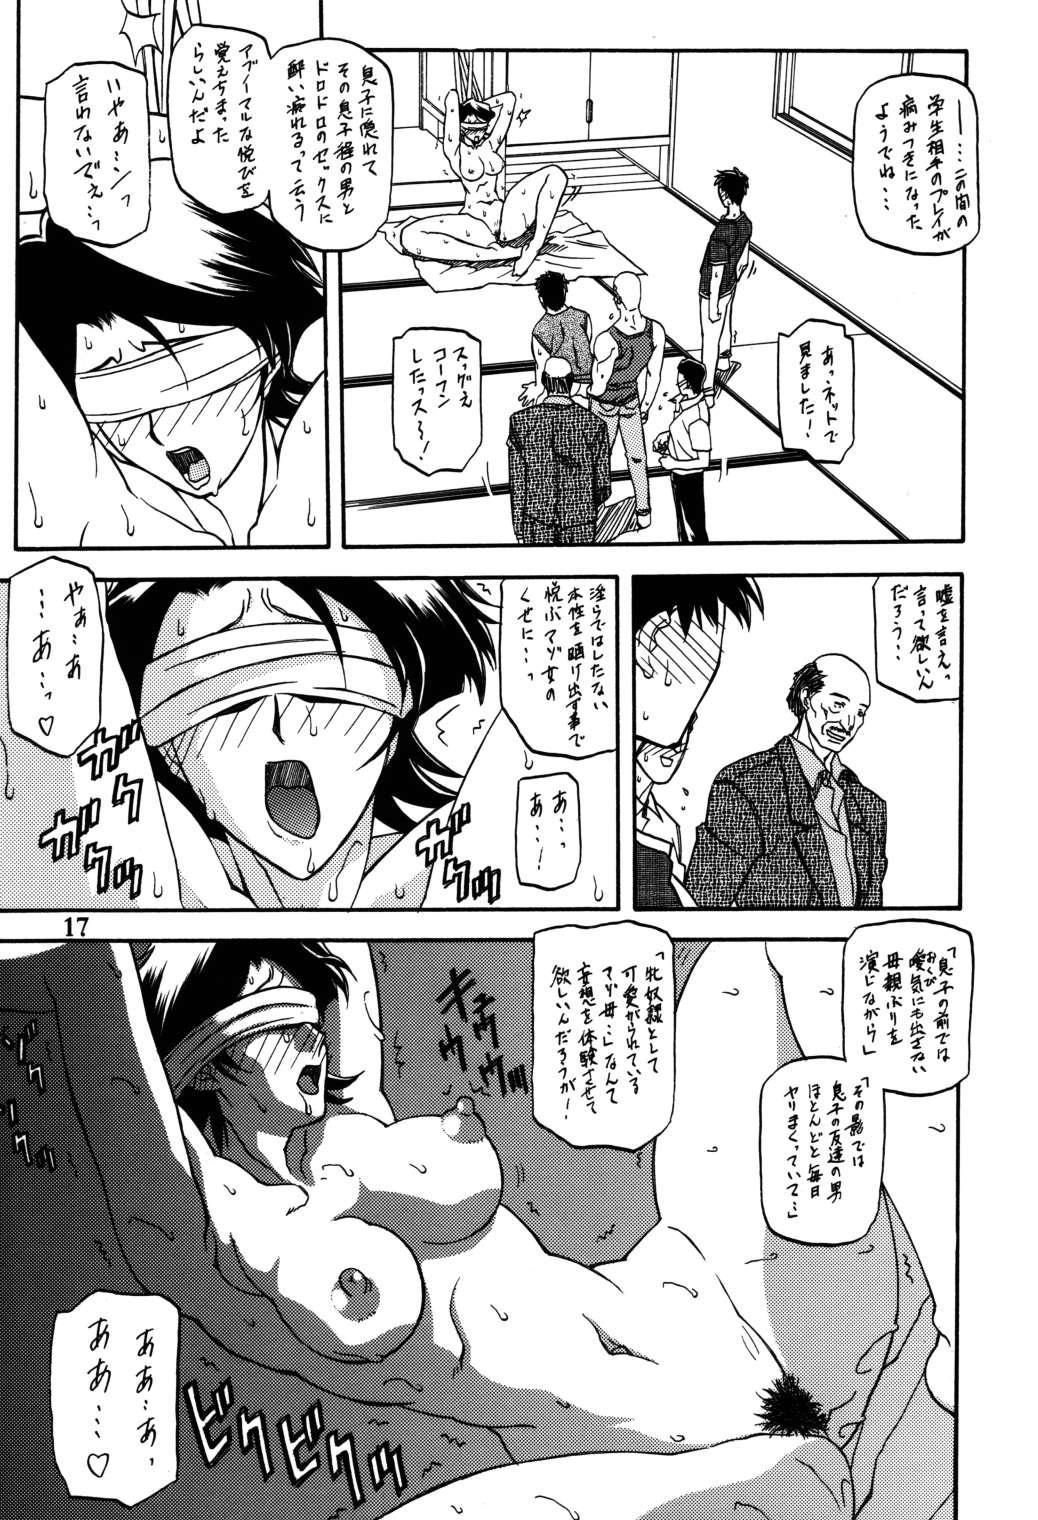 Akebi no Mi - Masae 15